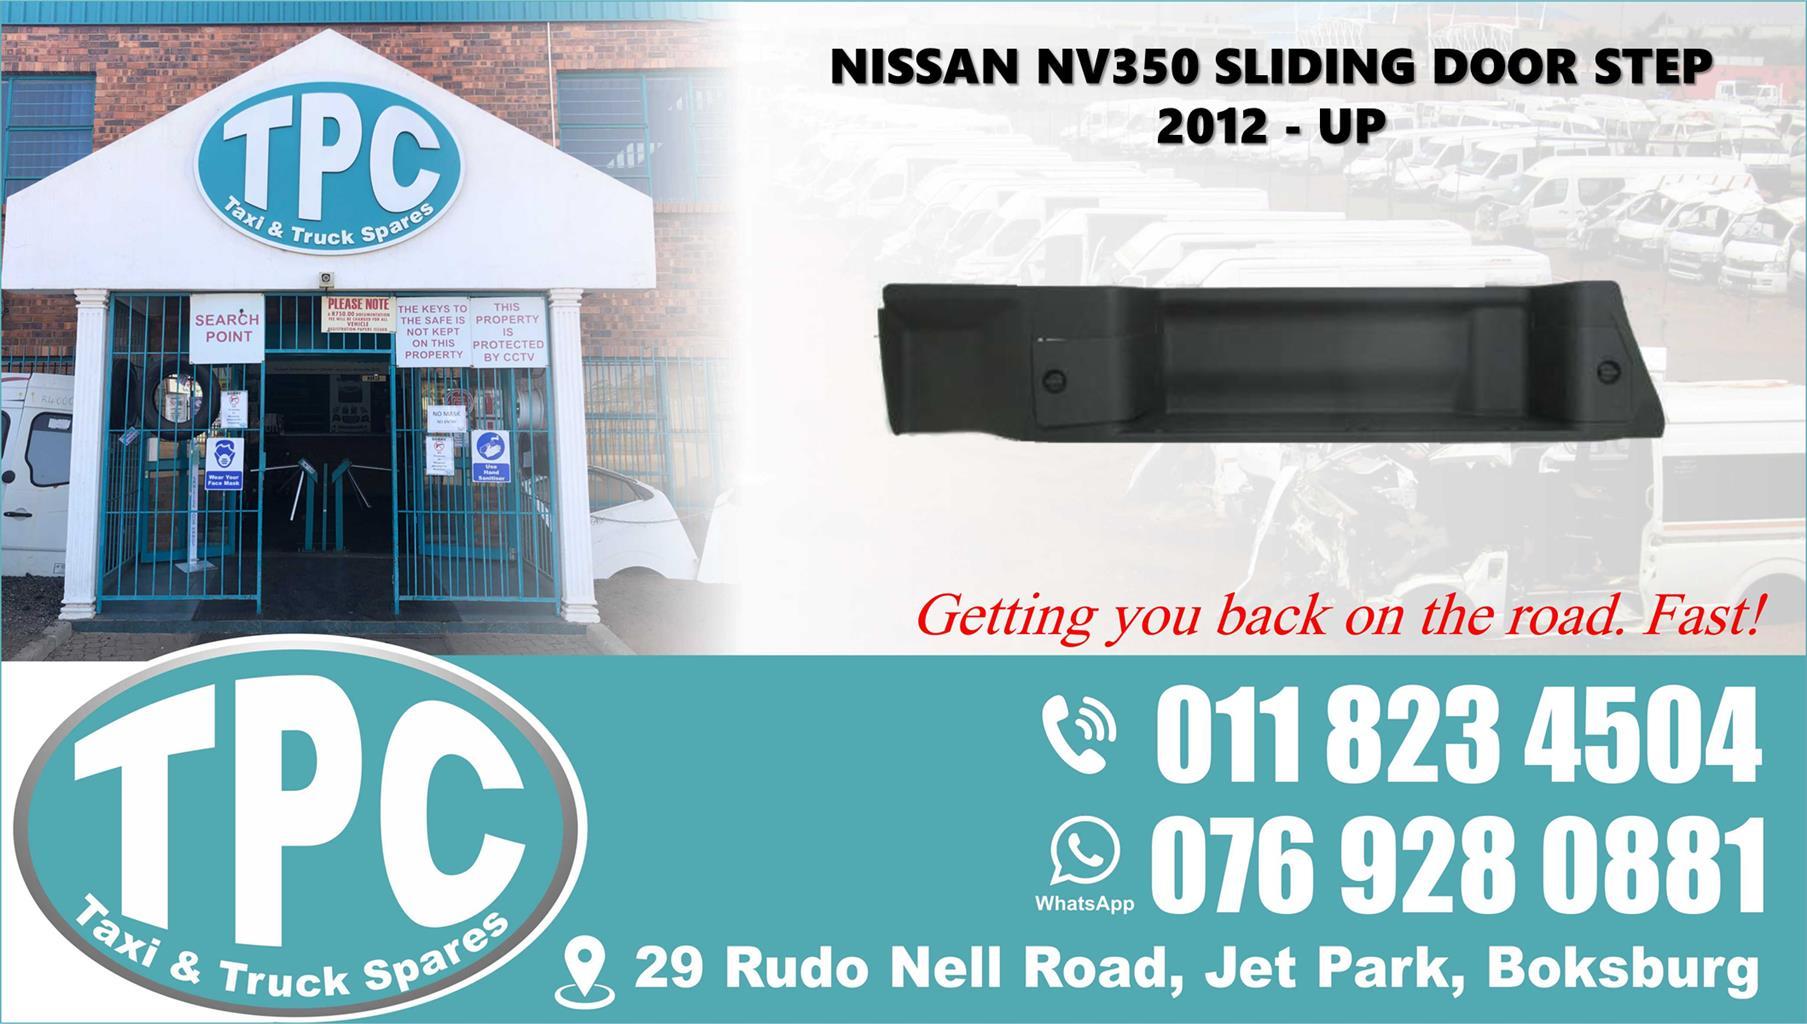 Nissan NV350 Sliding Door Step - 2012 - Up